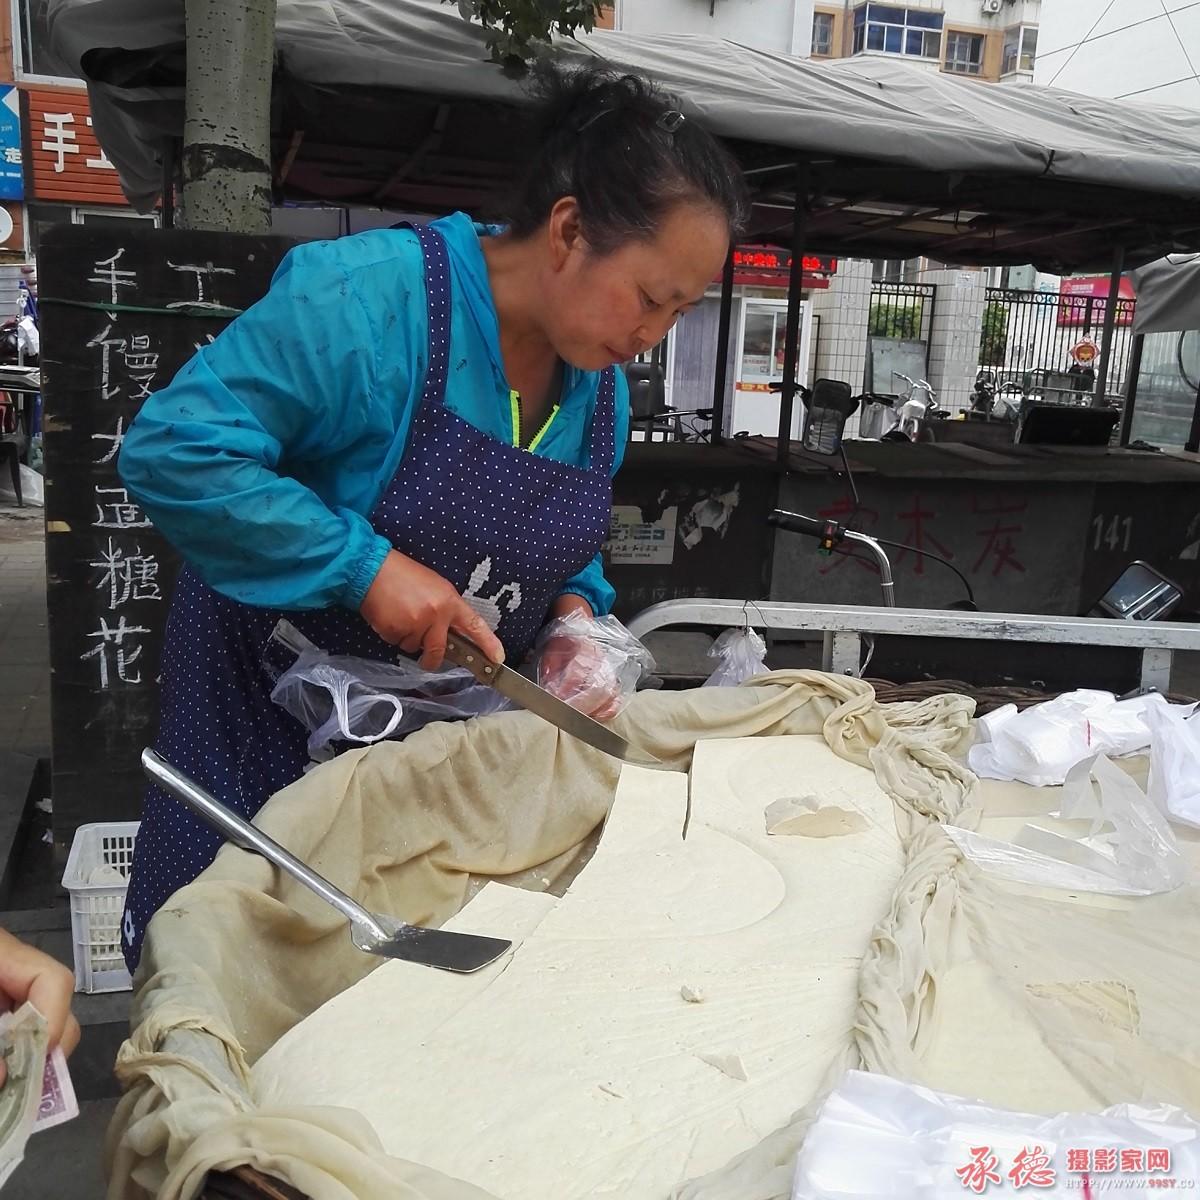 78、卖豆腐的女人-在水一方